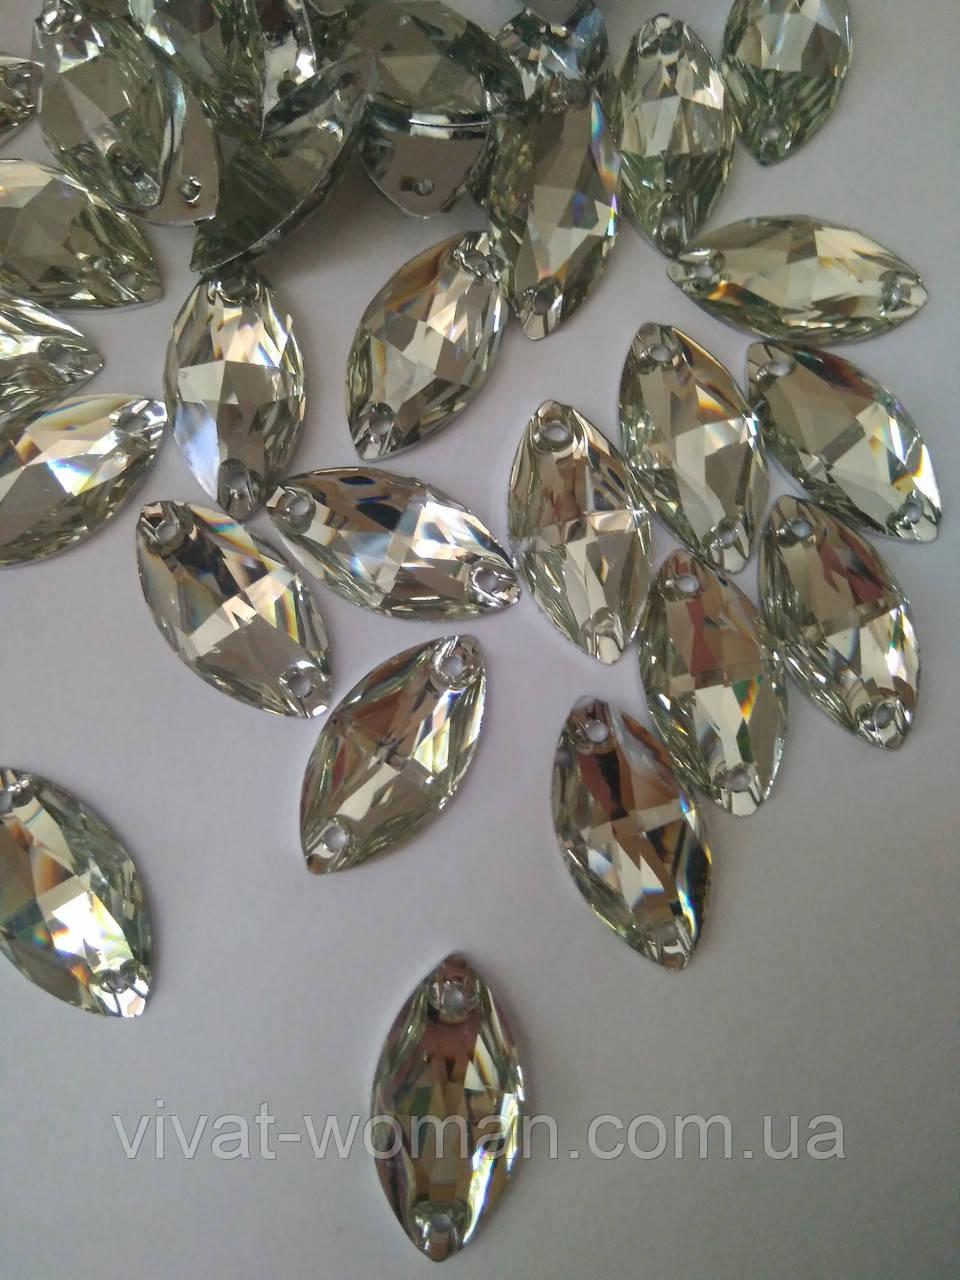 Стразы пришивные Маркиз (лодочка) 9х18 мм Crystal, синтетическое стекло